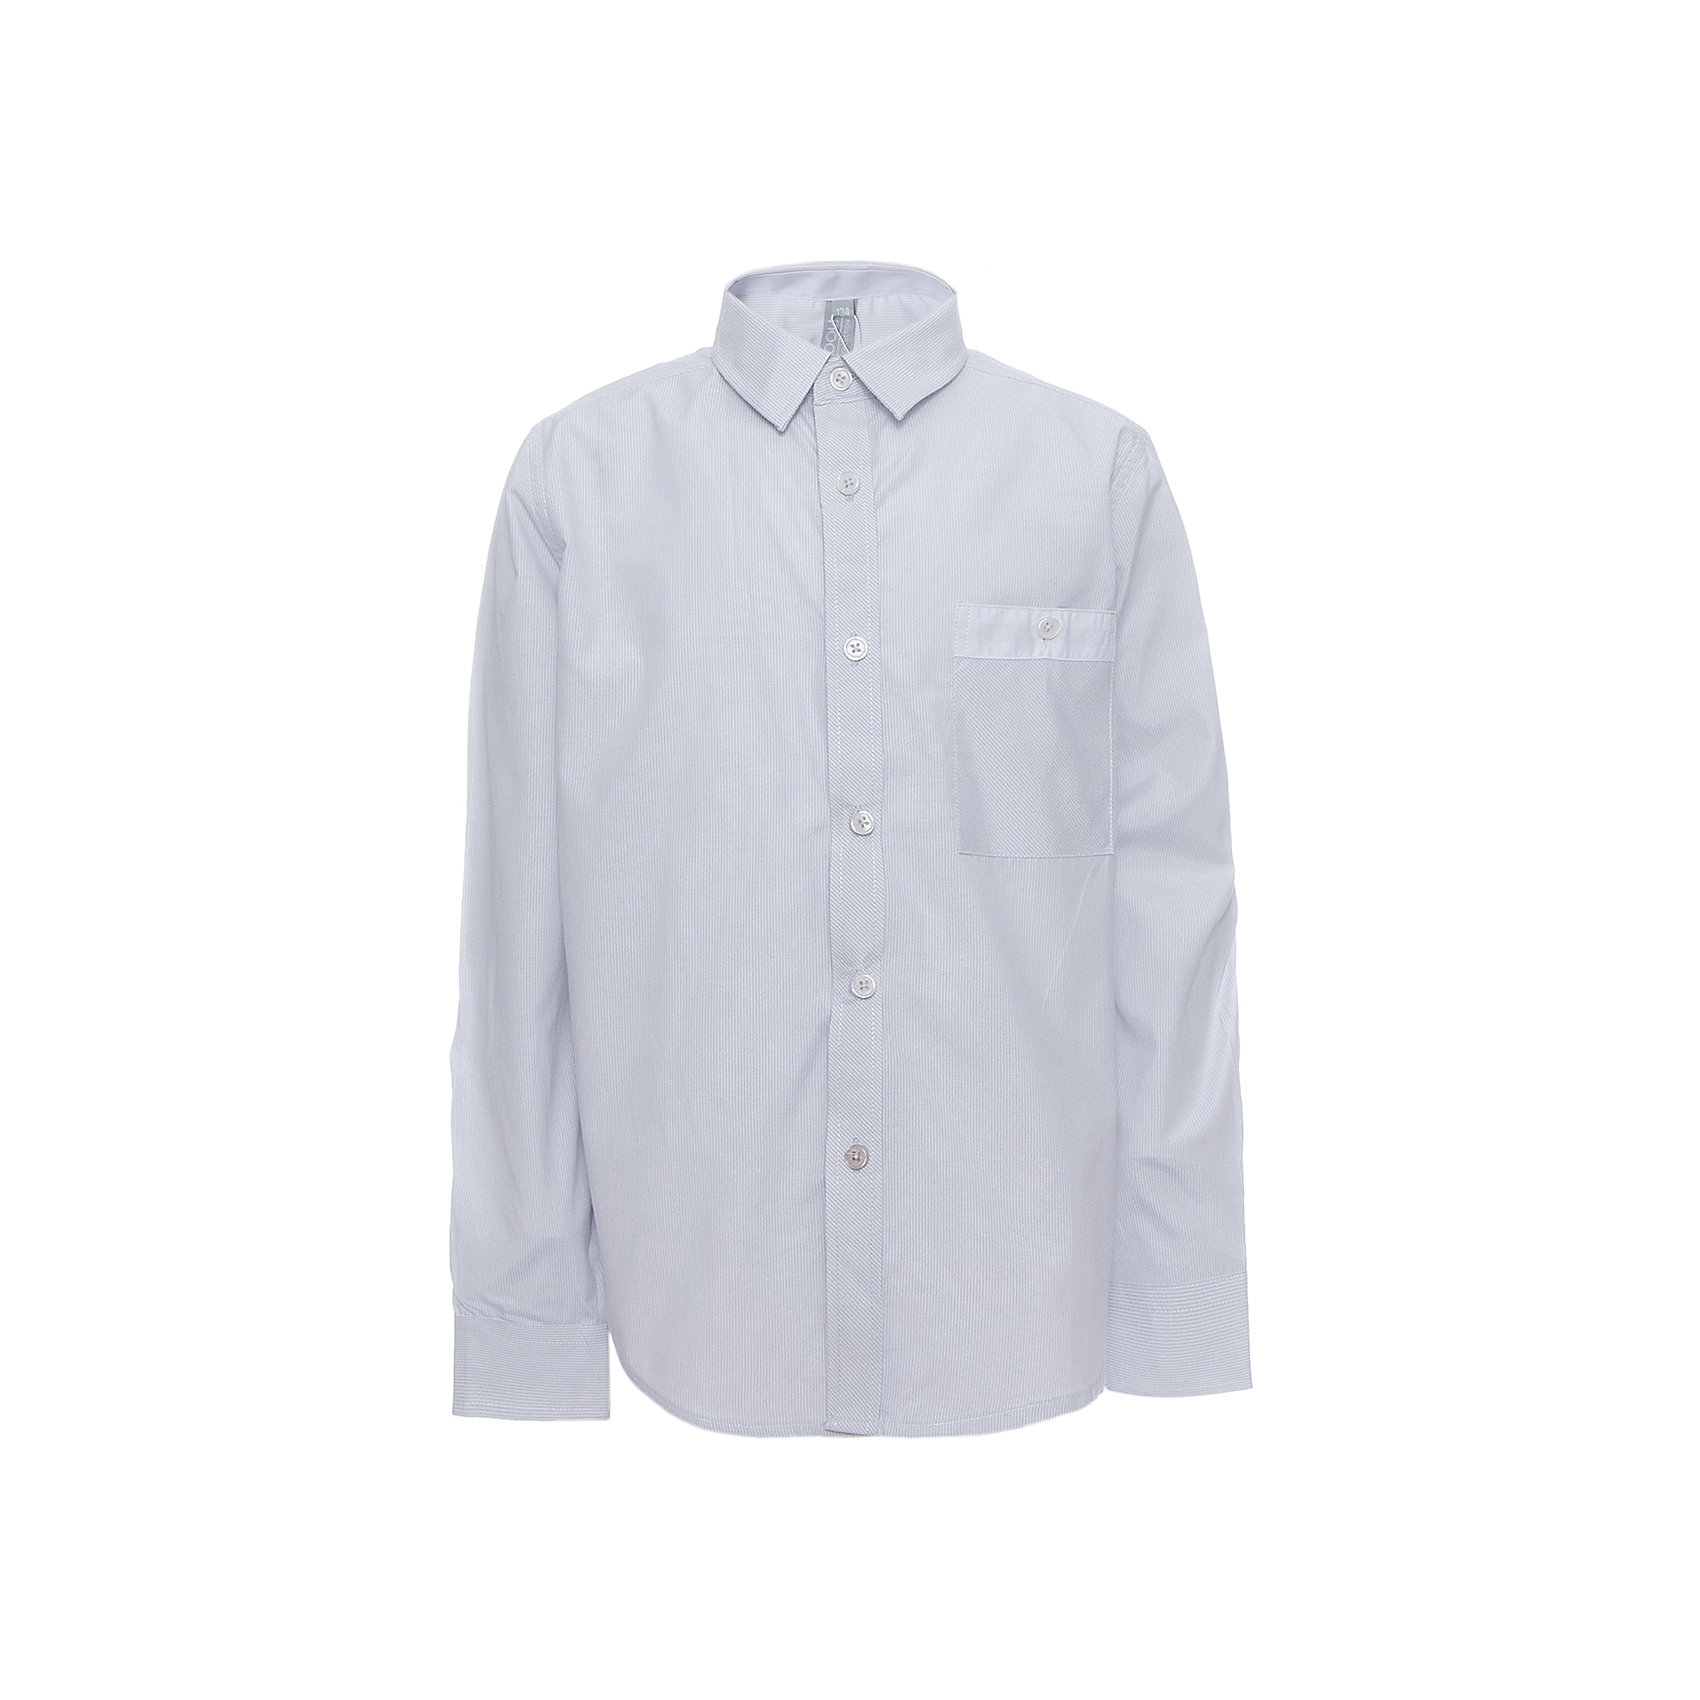 Рубашка для мальчика ScoolБлузки и рубашки<br>Рубашка для мальчика от известного бренда Scool<br>Состав:<br>45% хлопок, 55% полиэстер<br>Классическая светло-серая сорочка в мелкую полоску. Застегивается на пуговицы. На груди кармашек. Контрастная белая отделка по планке, карману и на рукавах.<br><br>Ширина мм: 174<br>Глубина мм: 10<br>Высота мм: 169<br>Вес г: 157<br>Цвет: голубой<br>Возраст от месяцев: 120<br>Возраст до месяцев: 132<br>Пол: Мужской<br>Возраст: Детский<br>Размер: 146,140,122,128,134,158,164,152<br>SKU: 4686742